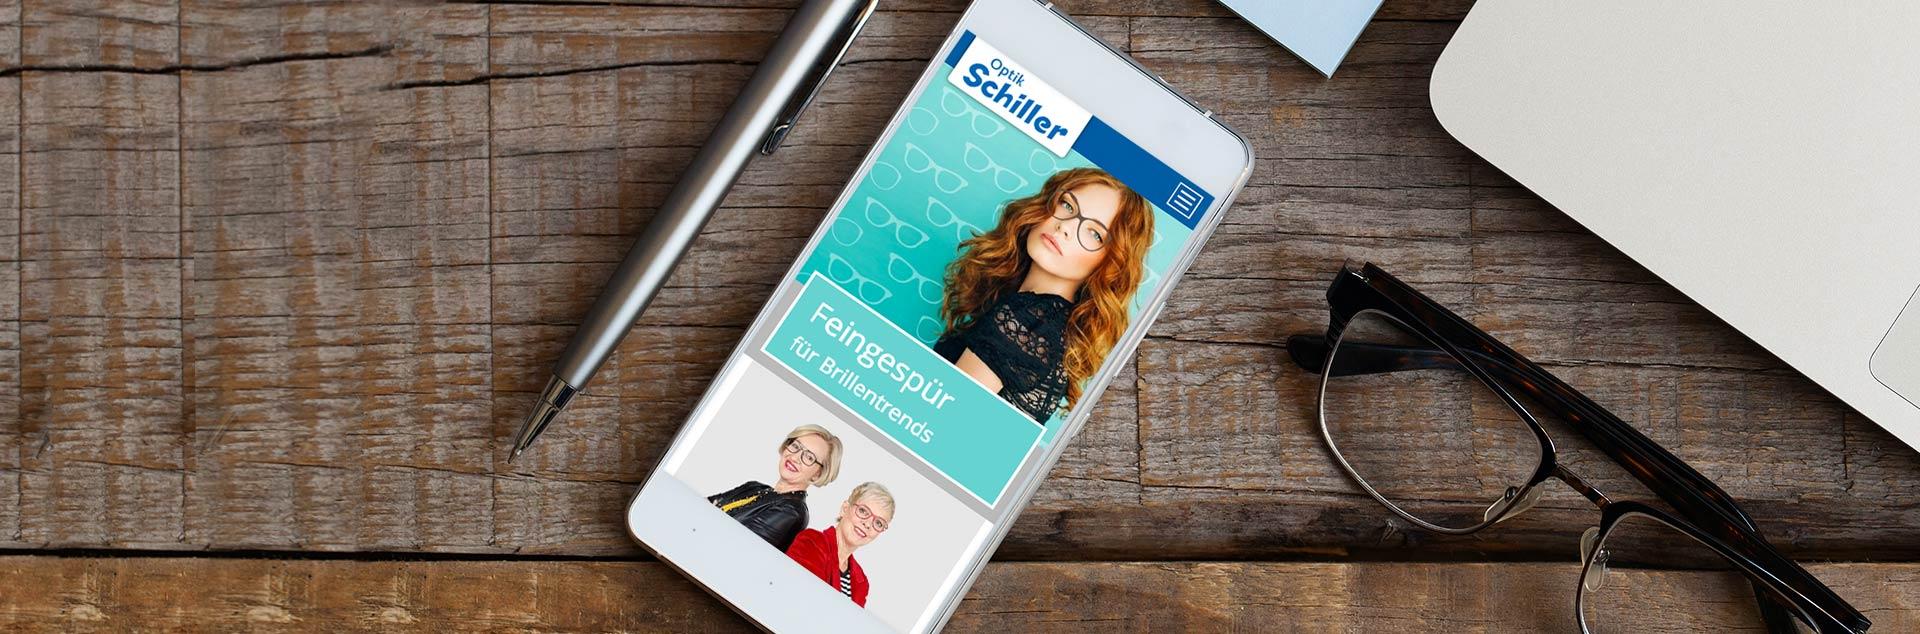 2017-07-18-Optik-Schiller-Website